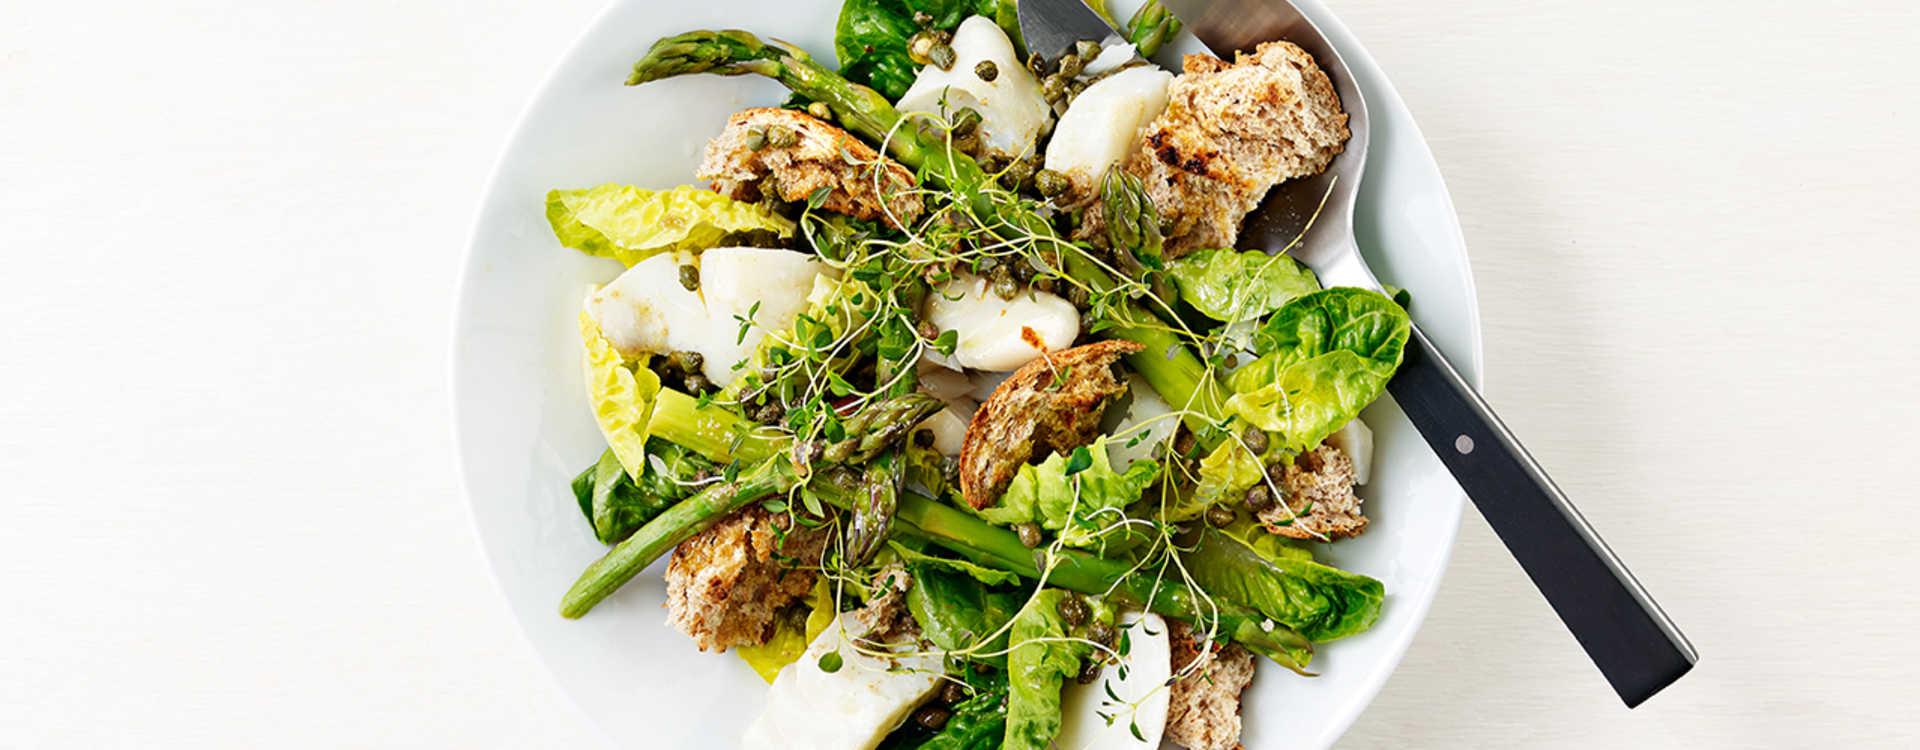 Torsk med grillet brød, asparges og brunet smør med lime og kapers